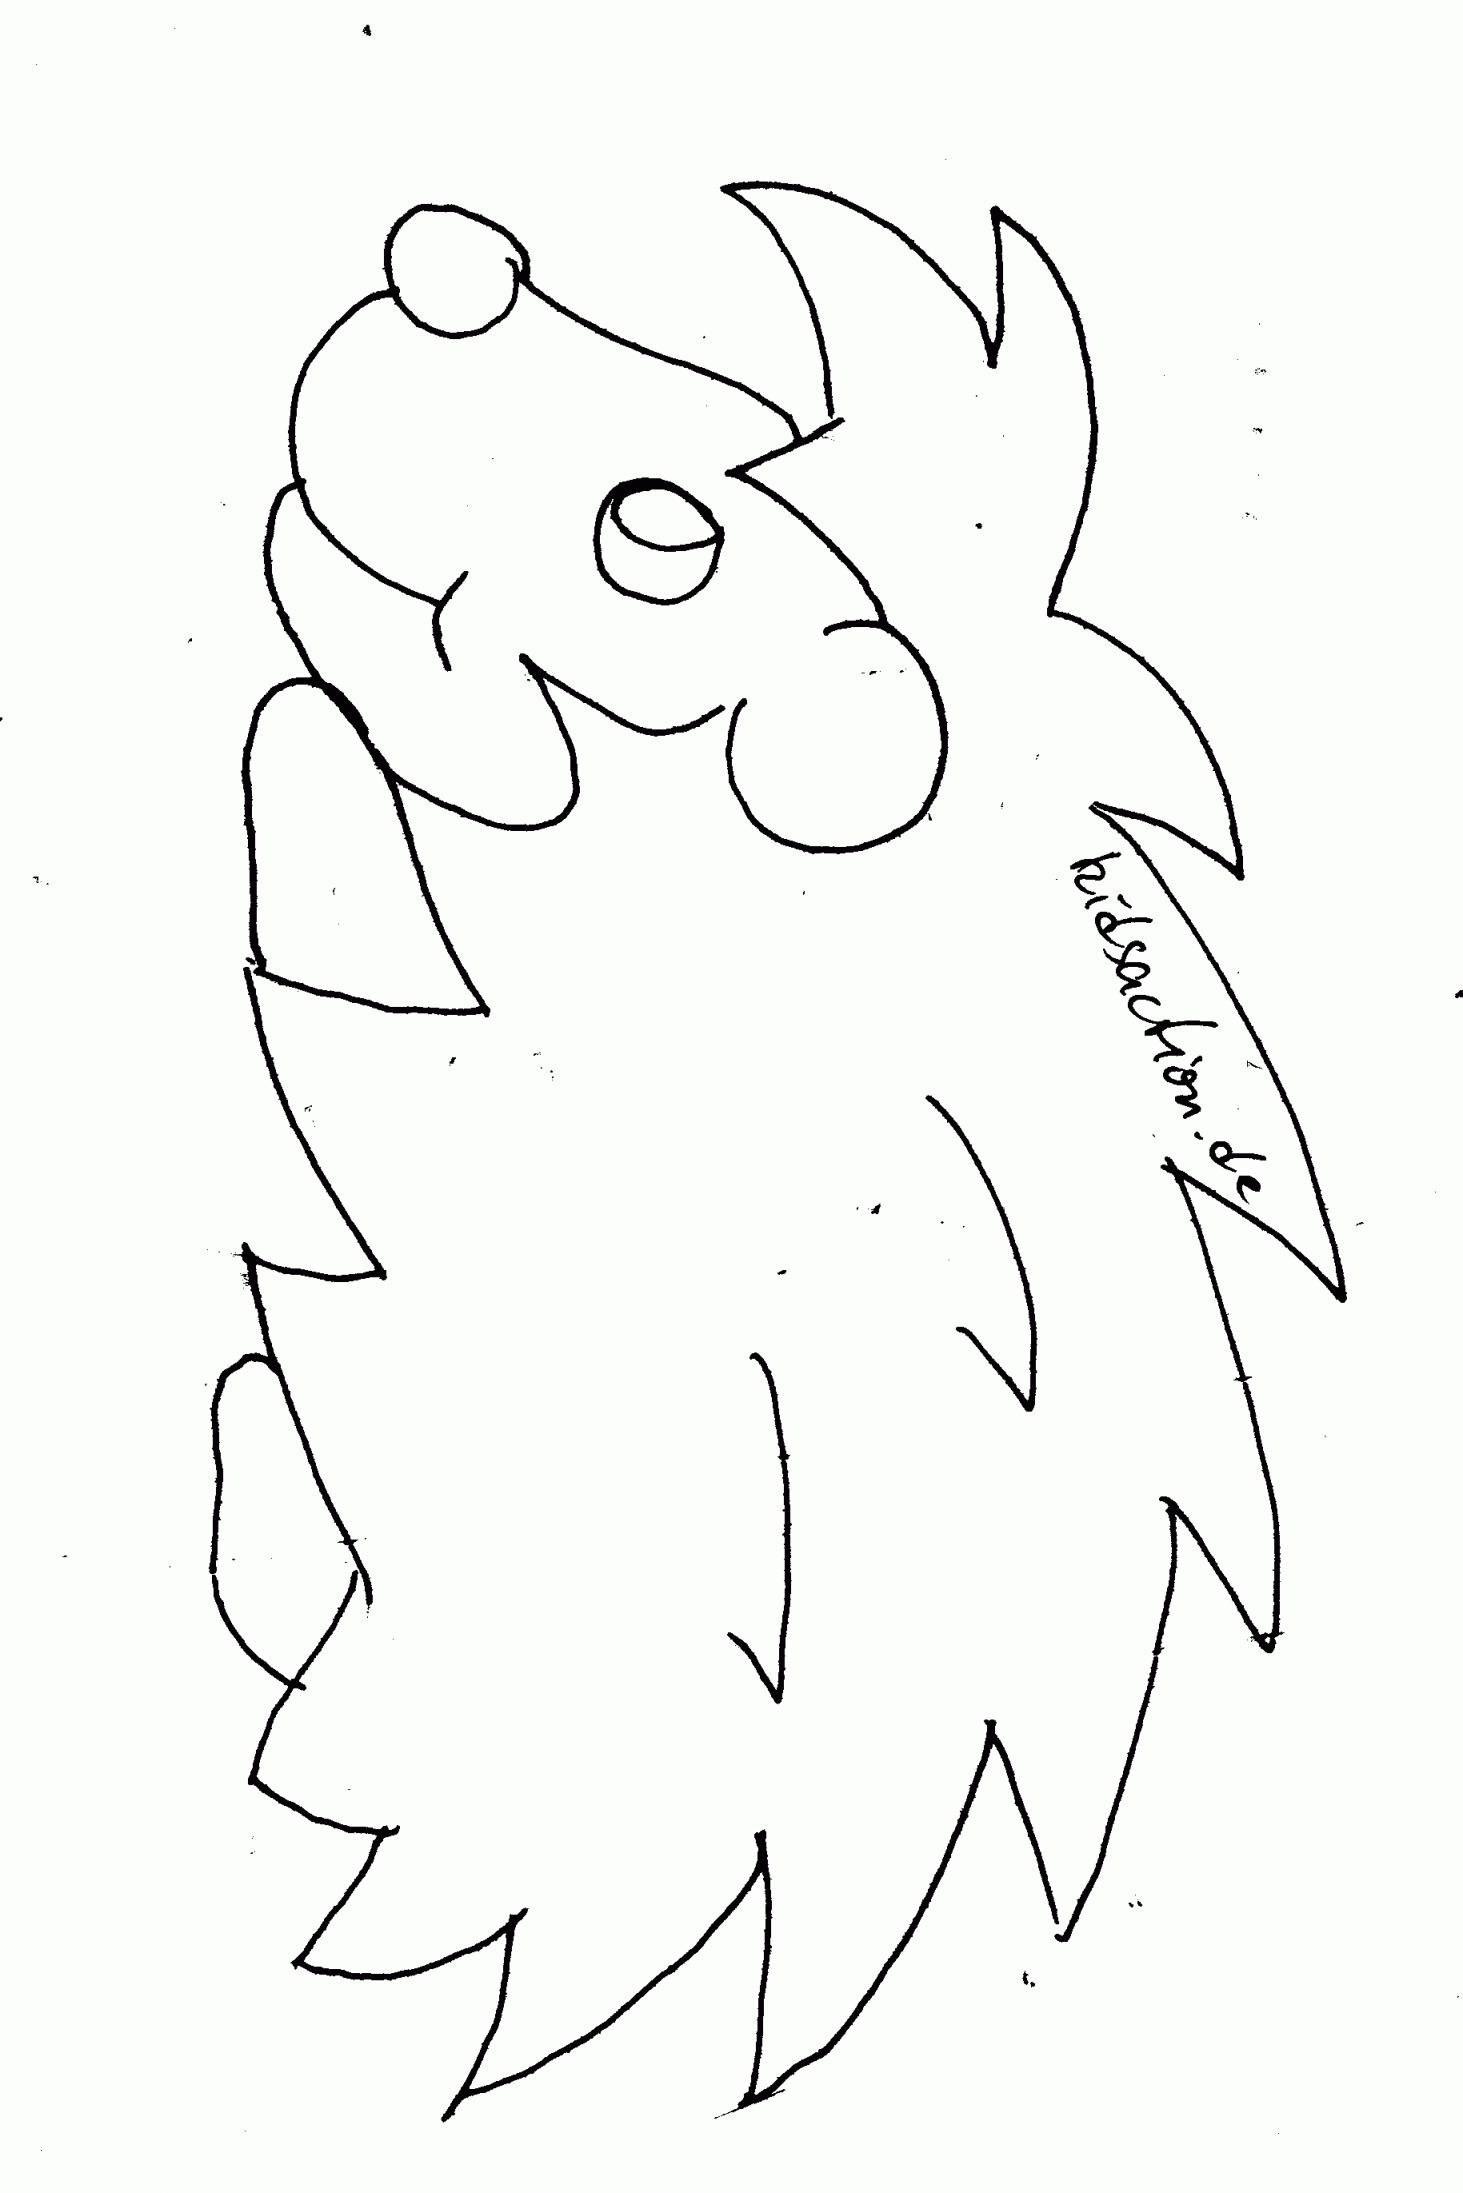 Kostenlose Ausmalbilder Pokemon Genial 35 Malvorlagen Maus Scoredatscore Schön Ausmalbilder Pokemon Zum Galerie